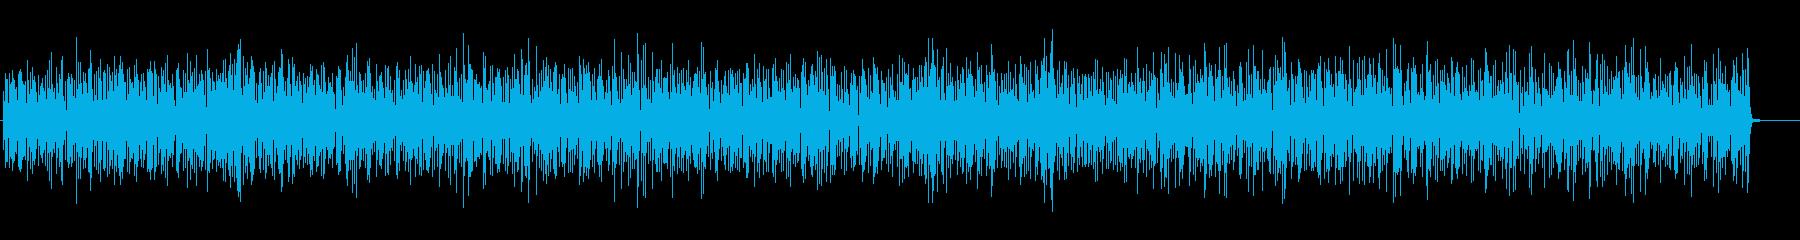 陽気でエネルギッシュなキューバ音楽の再生済みの波形